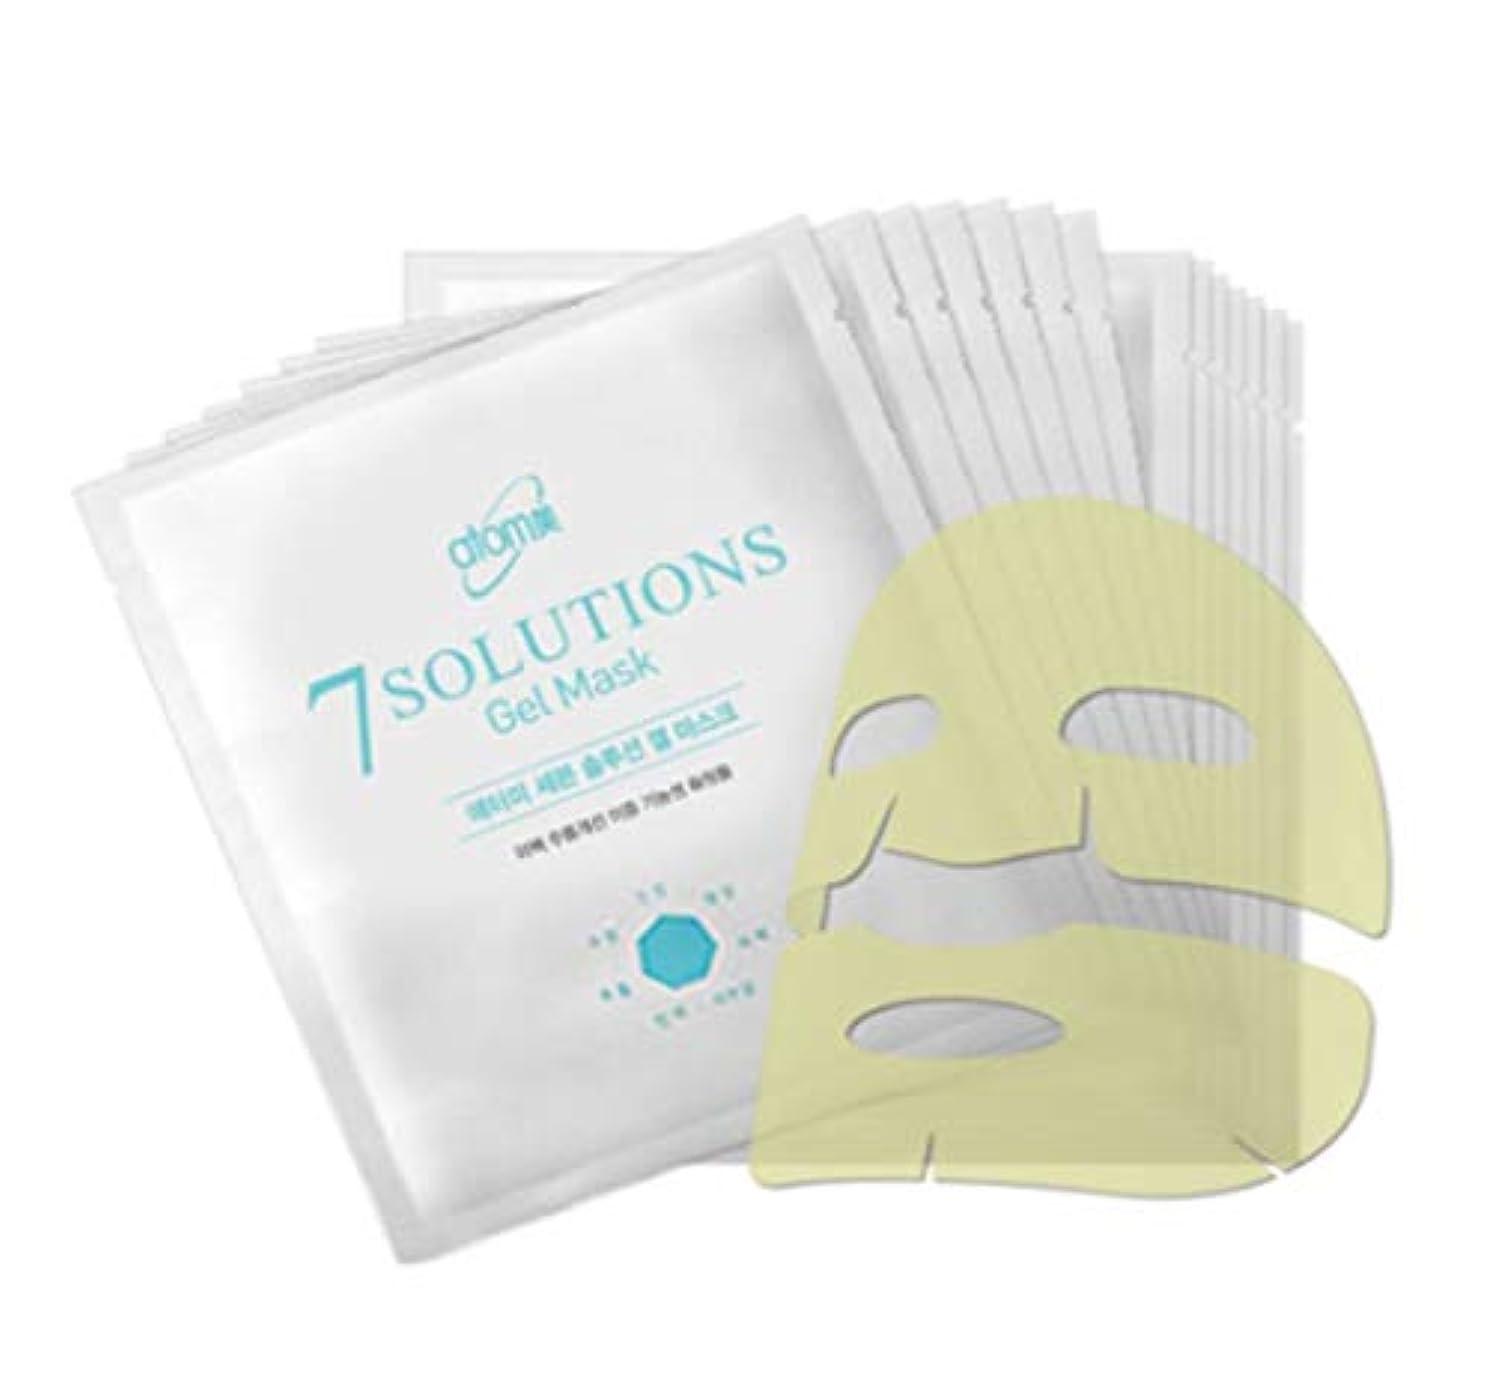 ロッジびん軽蔑するAtomy アトミ 7 solution Gel Mask 25g X 14ea美白シワ改善二重機能性化粧品(並行輸入品)